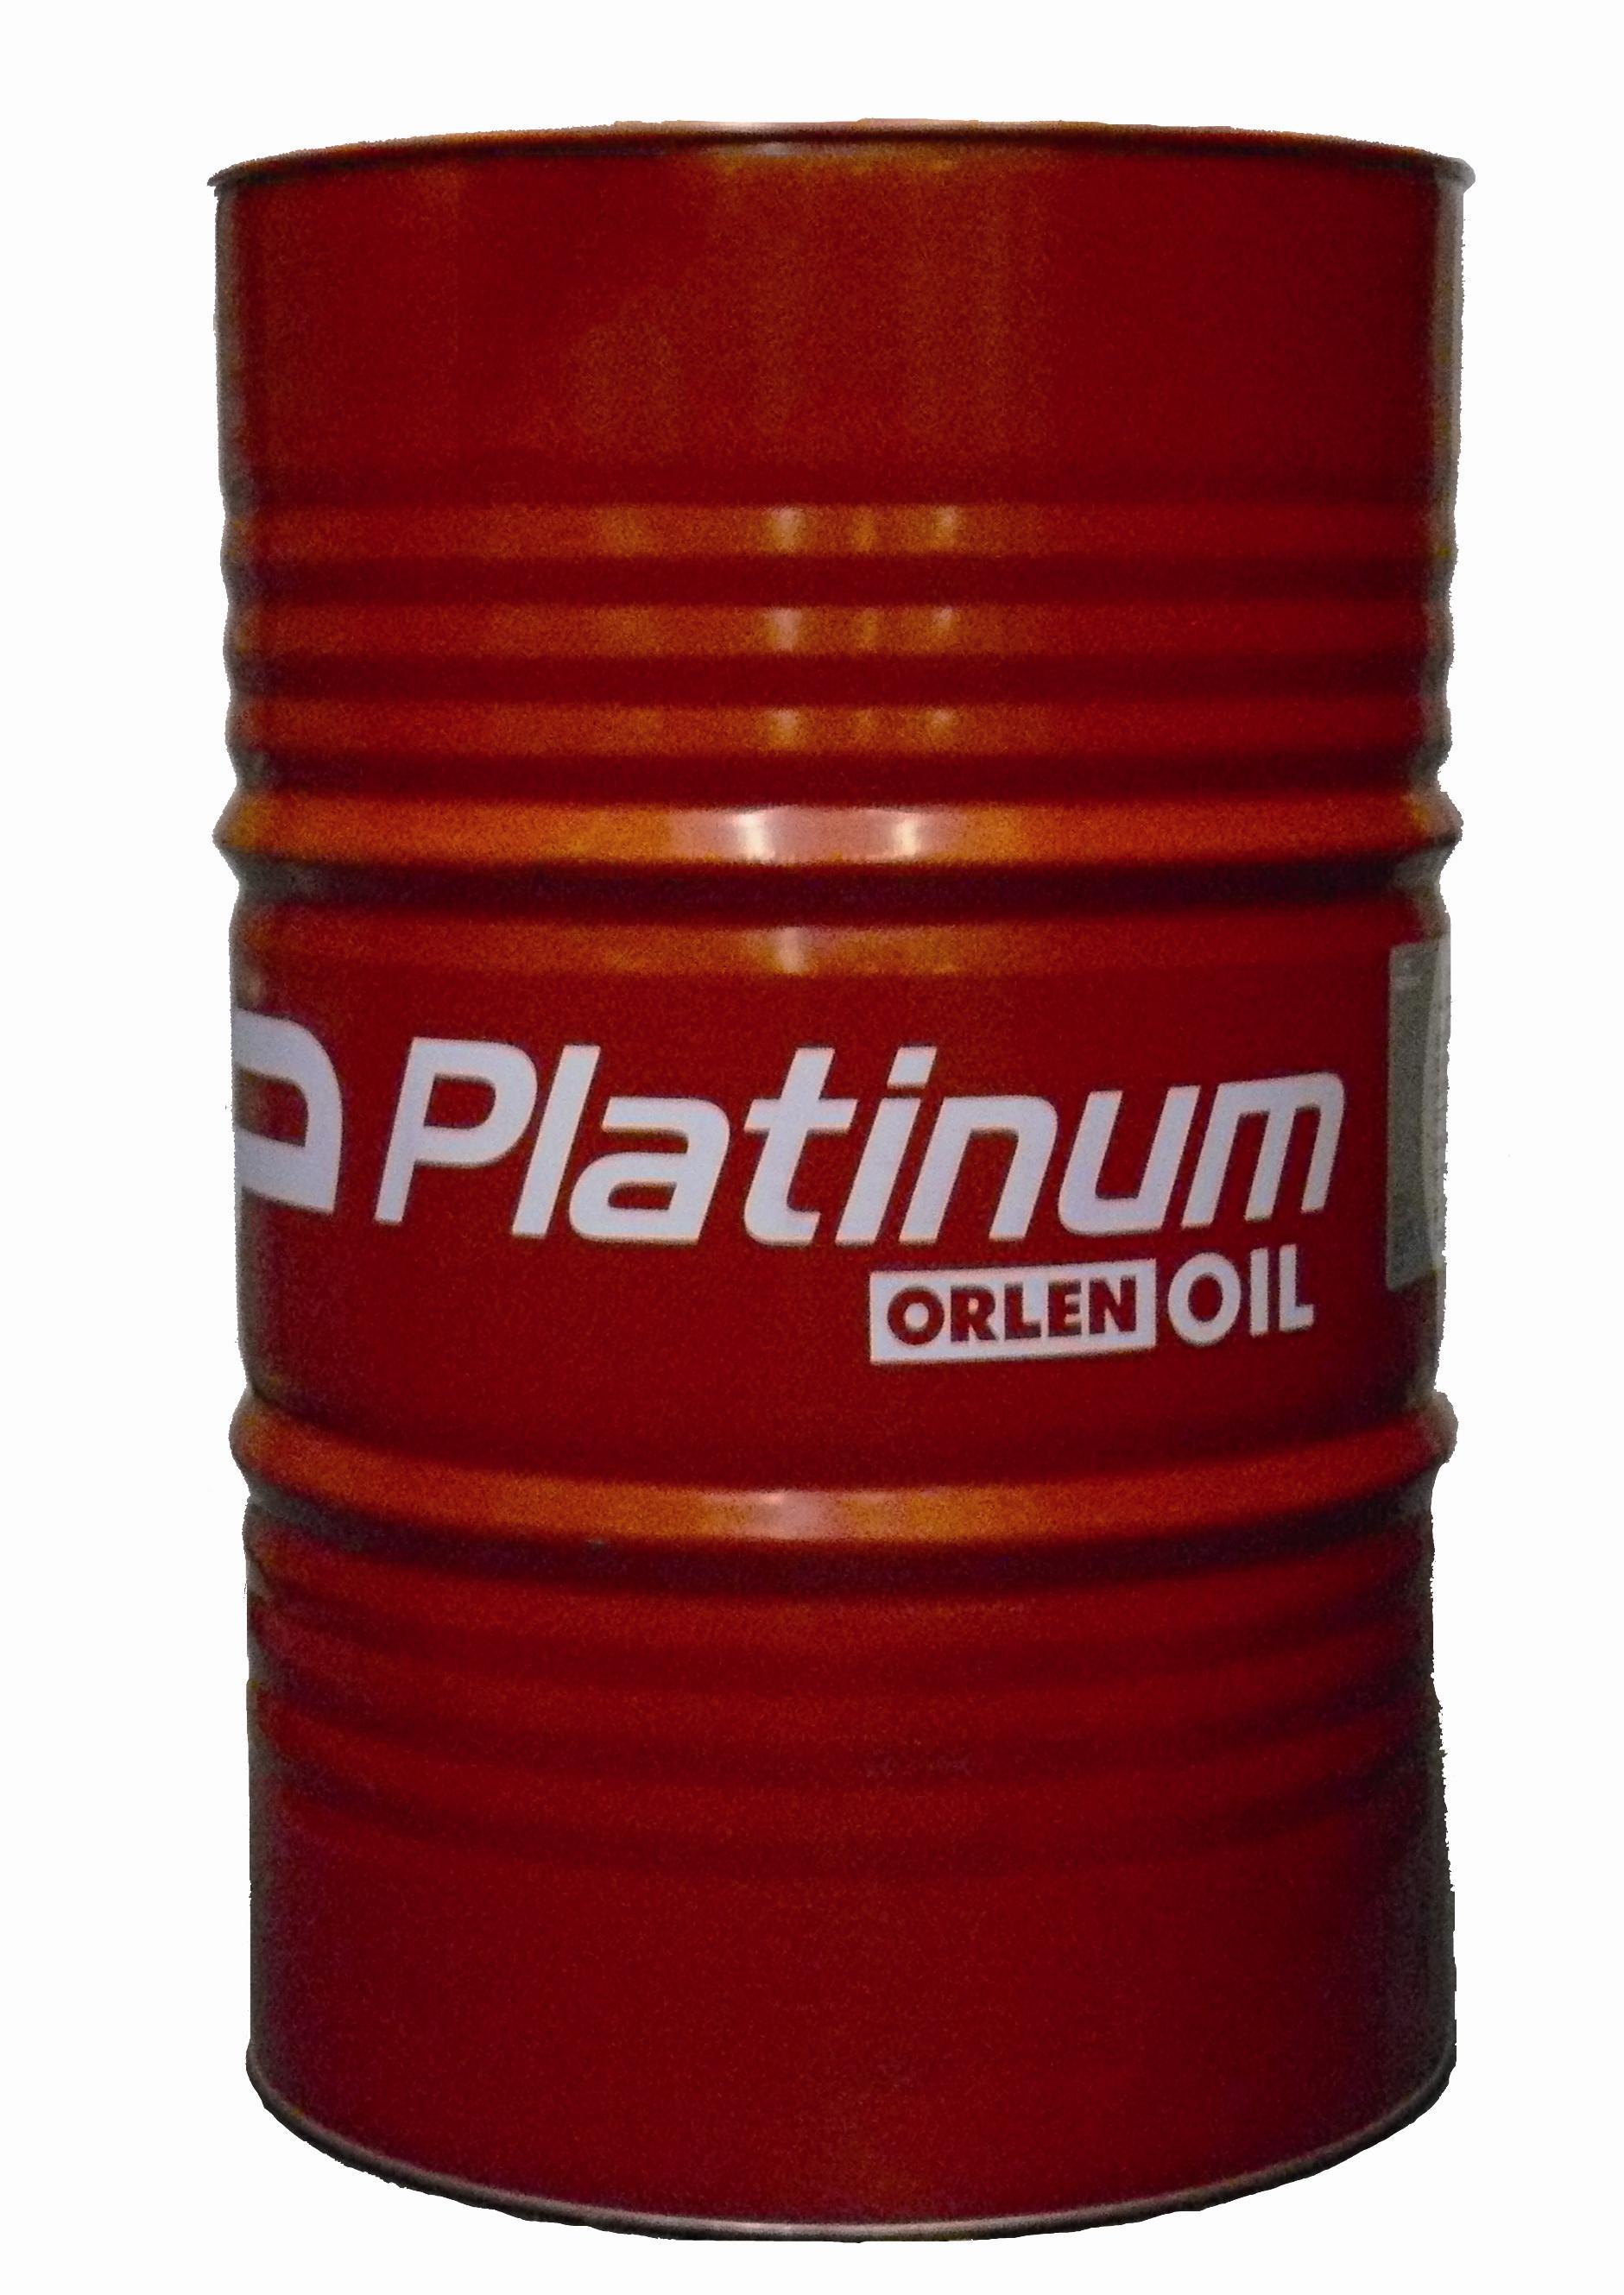 PLATINUM CLASSIC MINERAL 15W/40 KM 60L